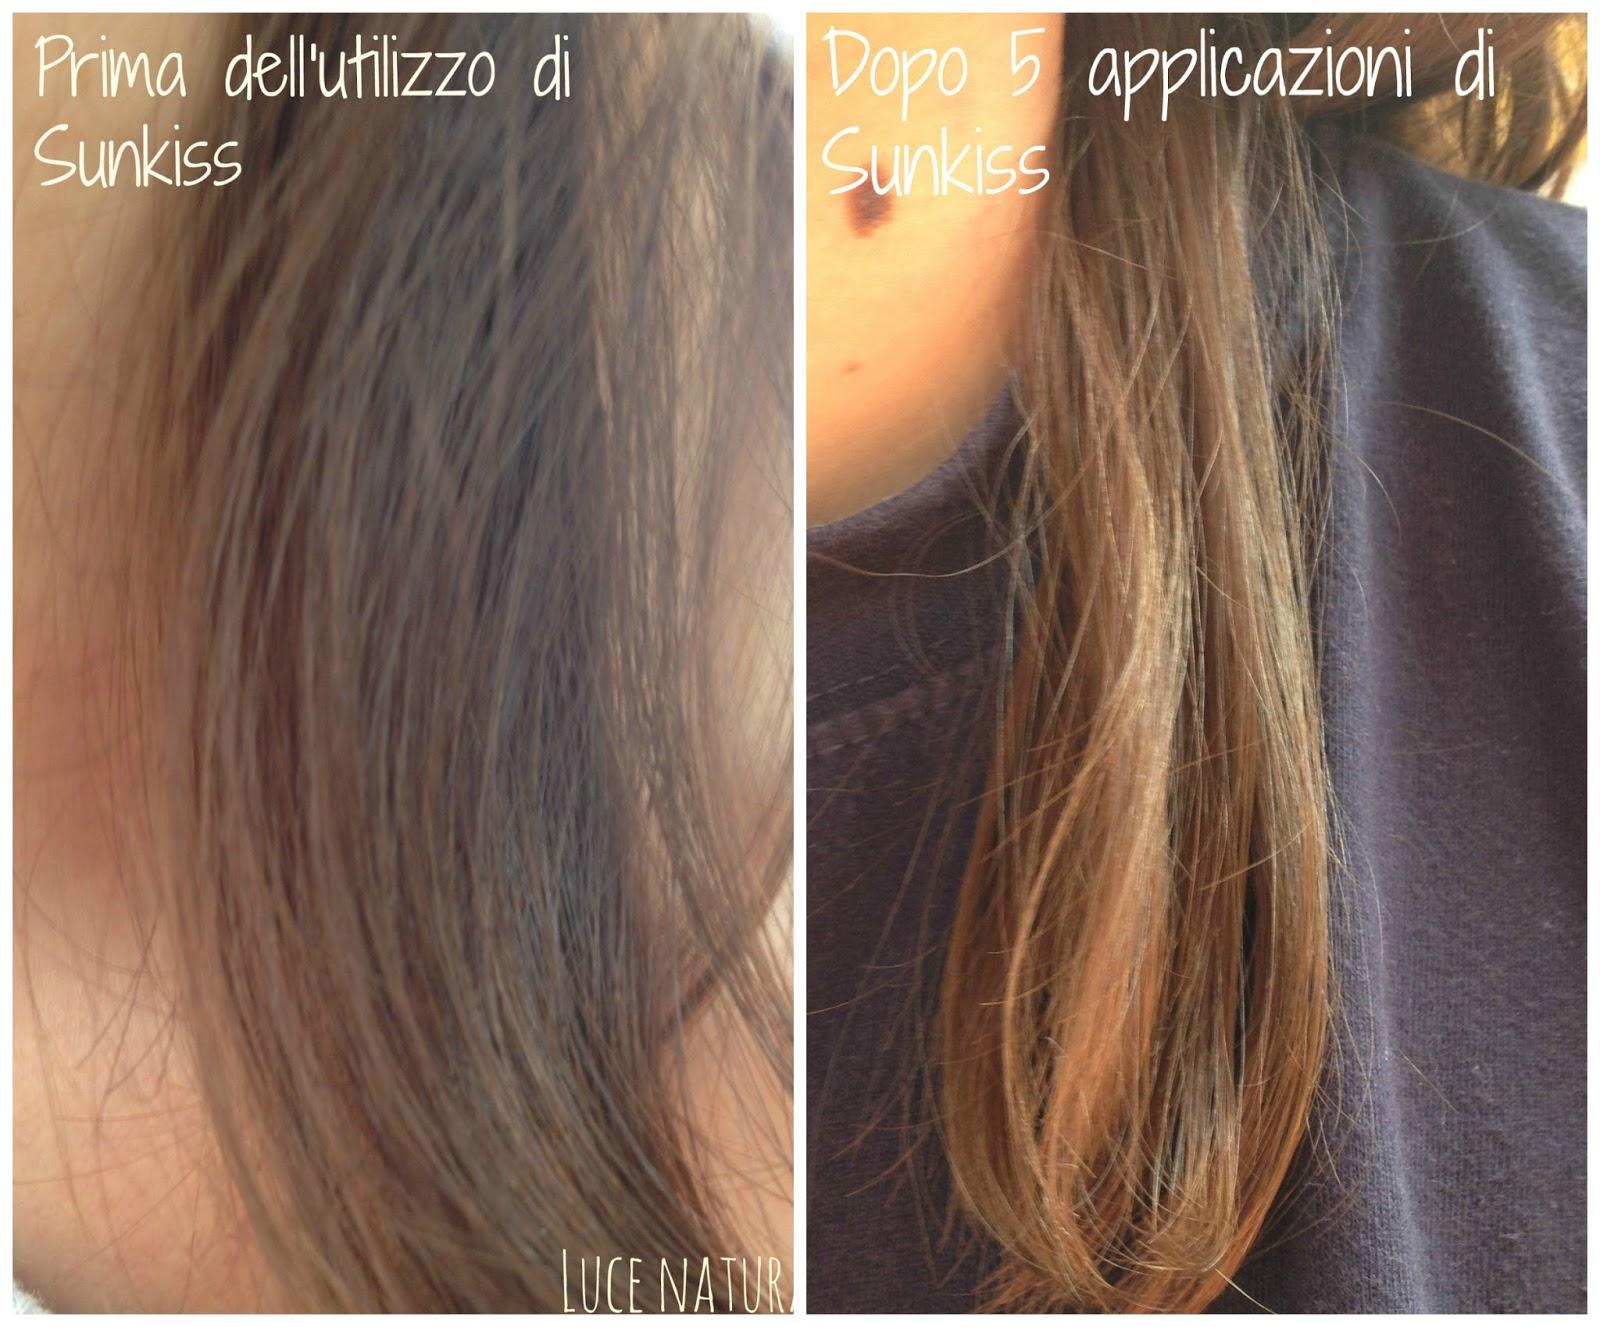 Il sentiero dorato l oreal sunkiss capelli baciati dal sole for Tinte per capelli non nocive